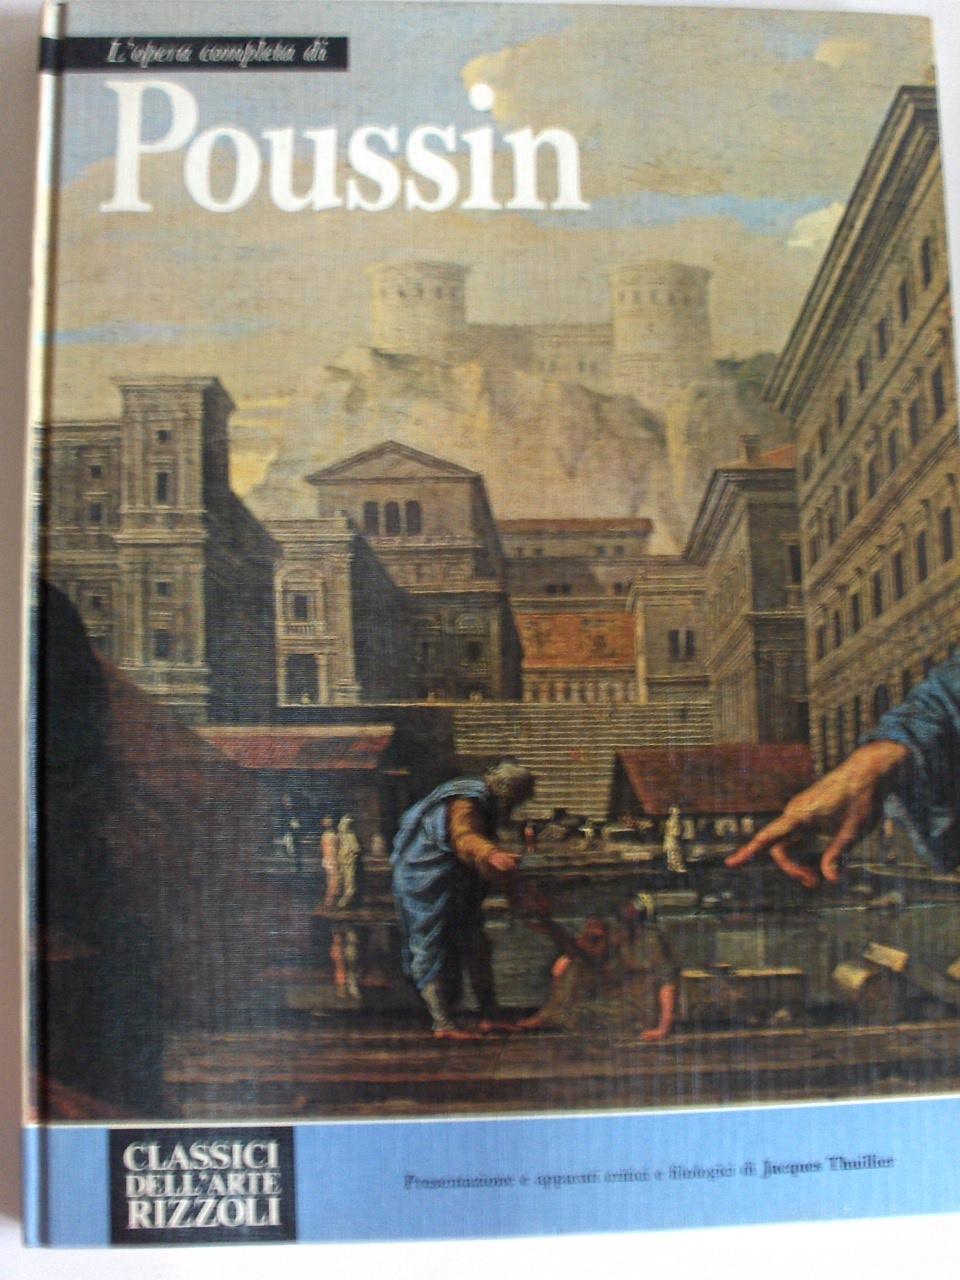 L'opera completa di Poussin